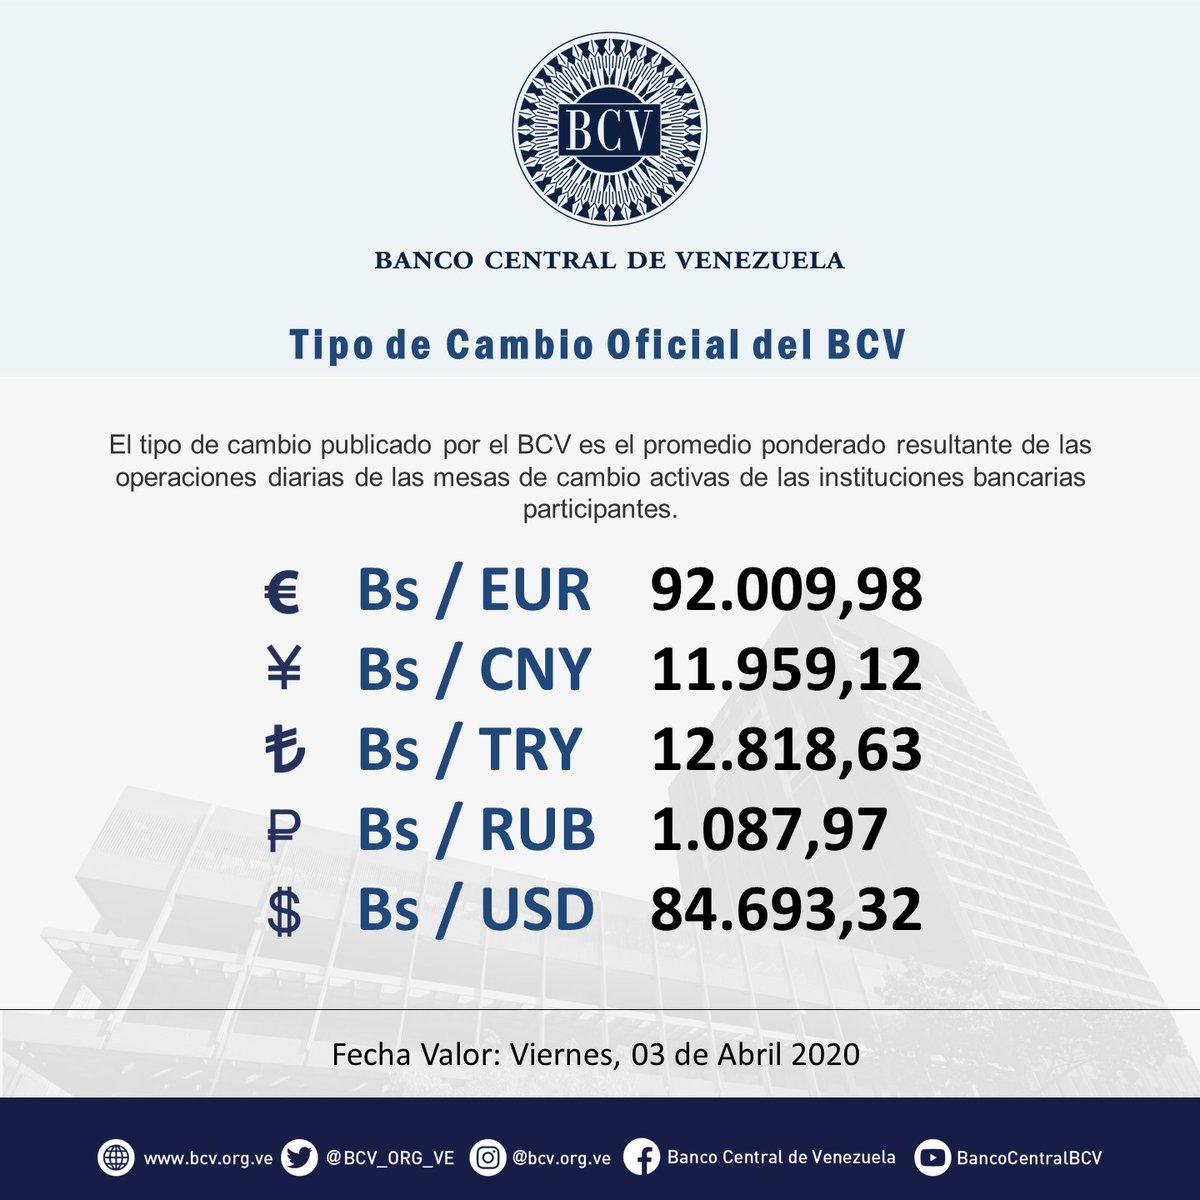 Atención|| El tipo de cambio publicado por el BCV es el promedio ponderado de las operaciones de las mesas de cambio de las instituciones bancarias. Al cierre de la jornada del jueves 02-04-2020, los resultados son:  #MercadoCambiario #BCVpic.twitter.com/fMbF0EQ8Ue